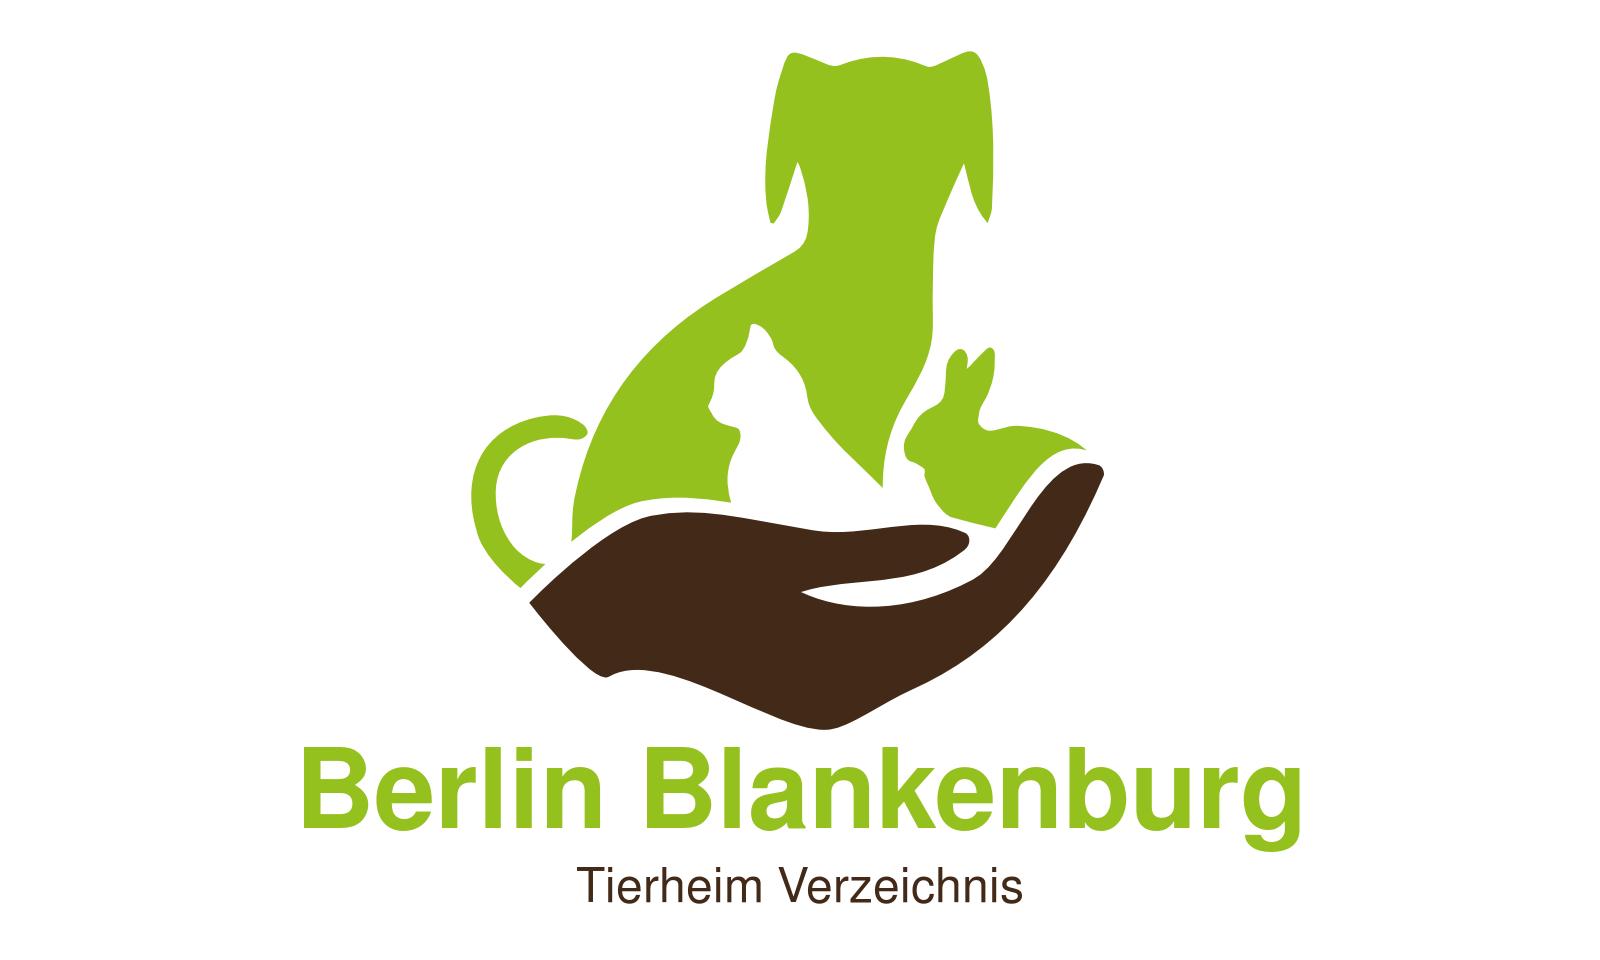 Tierheim Berlin Blankenburg